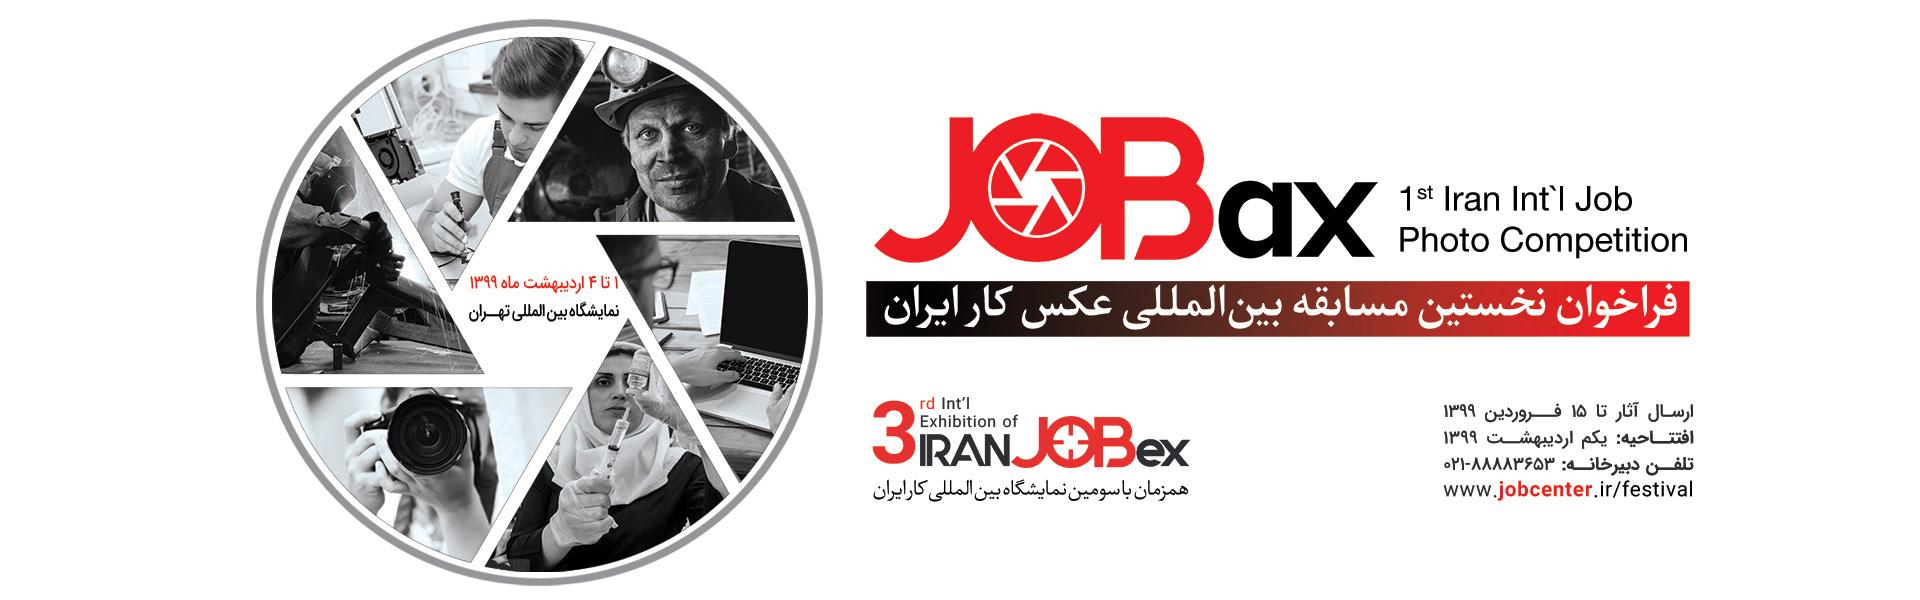 فراخوان نخستین مسابقه بین المللی عکس کار ایران